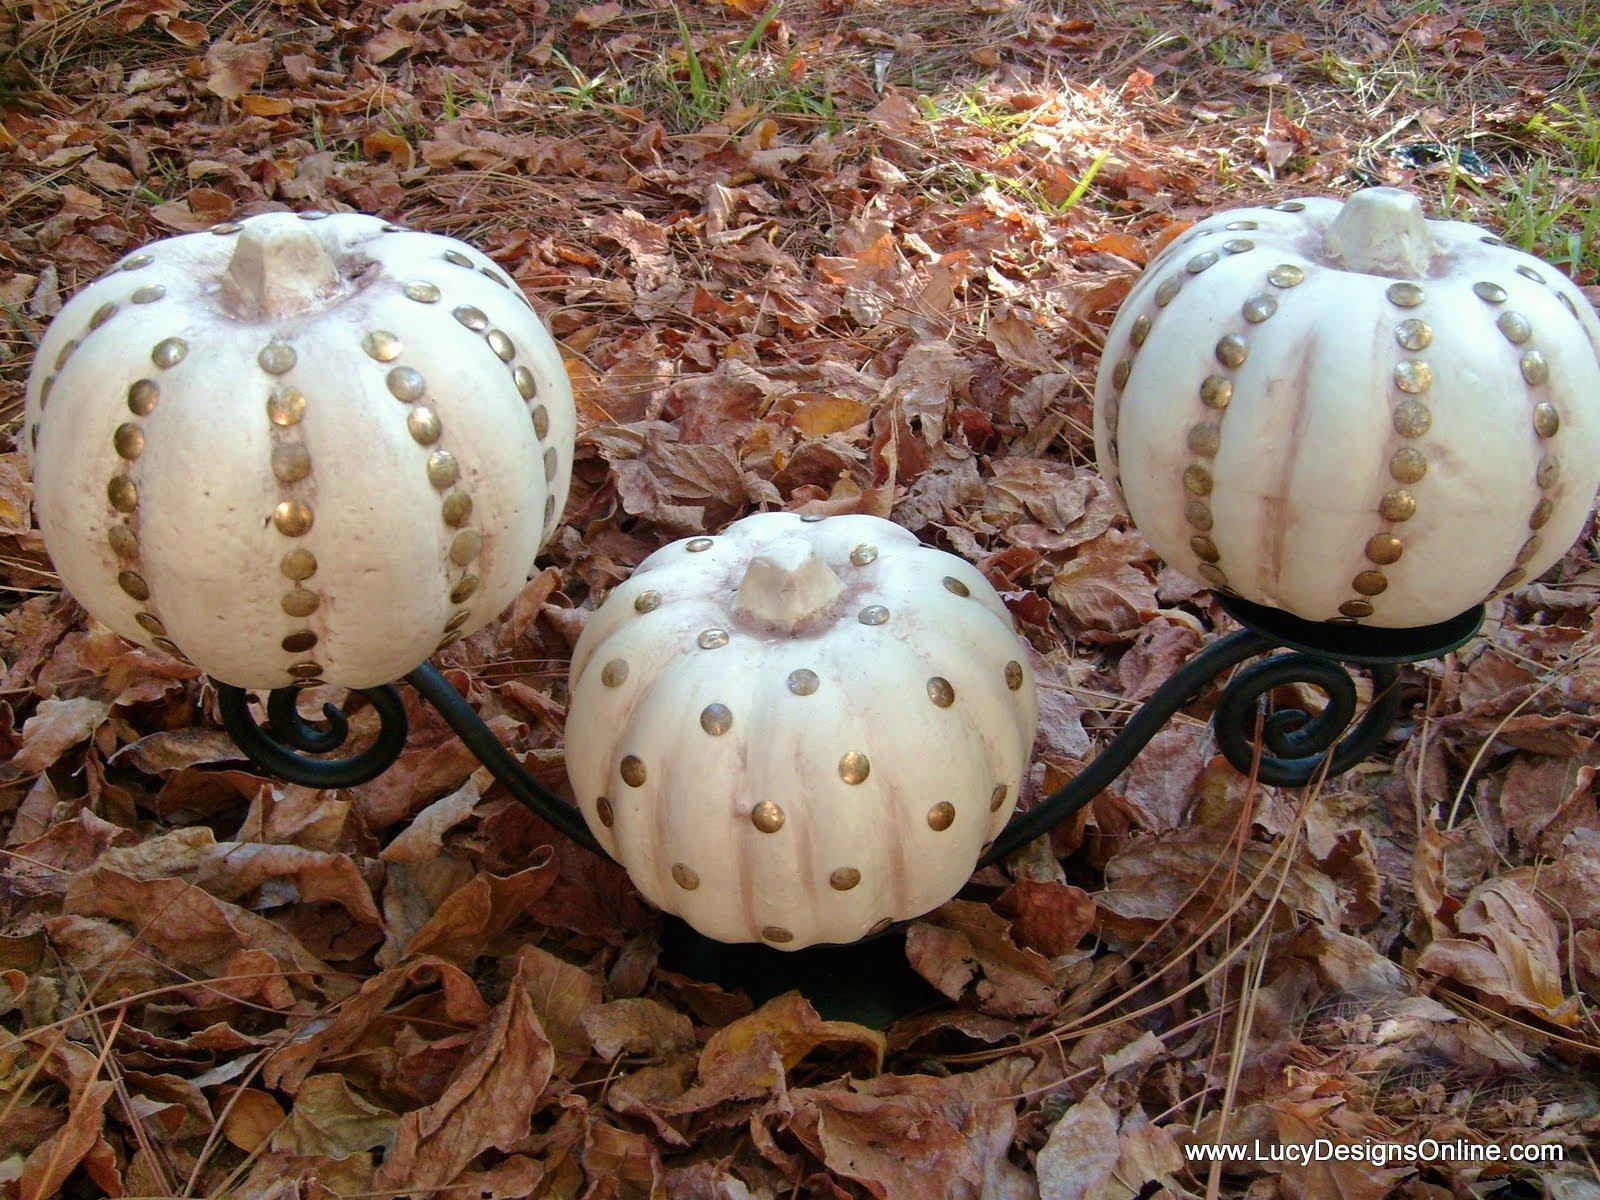 How to store pumpkins - Glam Studded Halloween Dollar Store Pumpkins